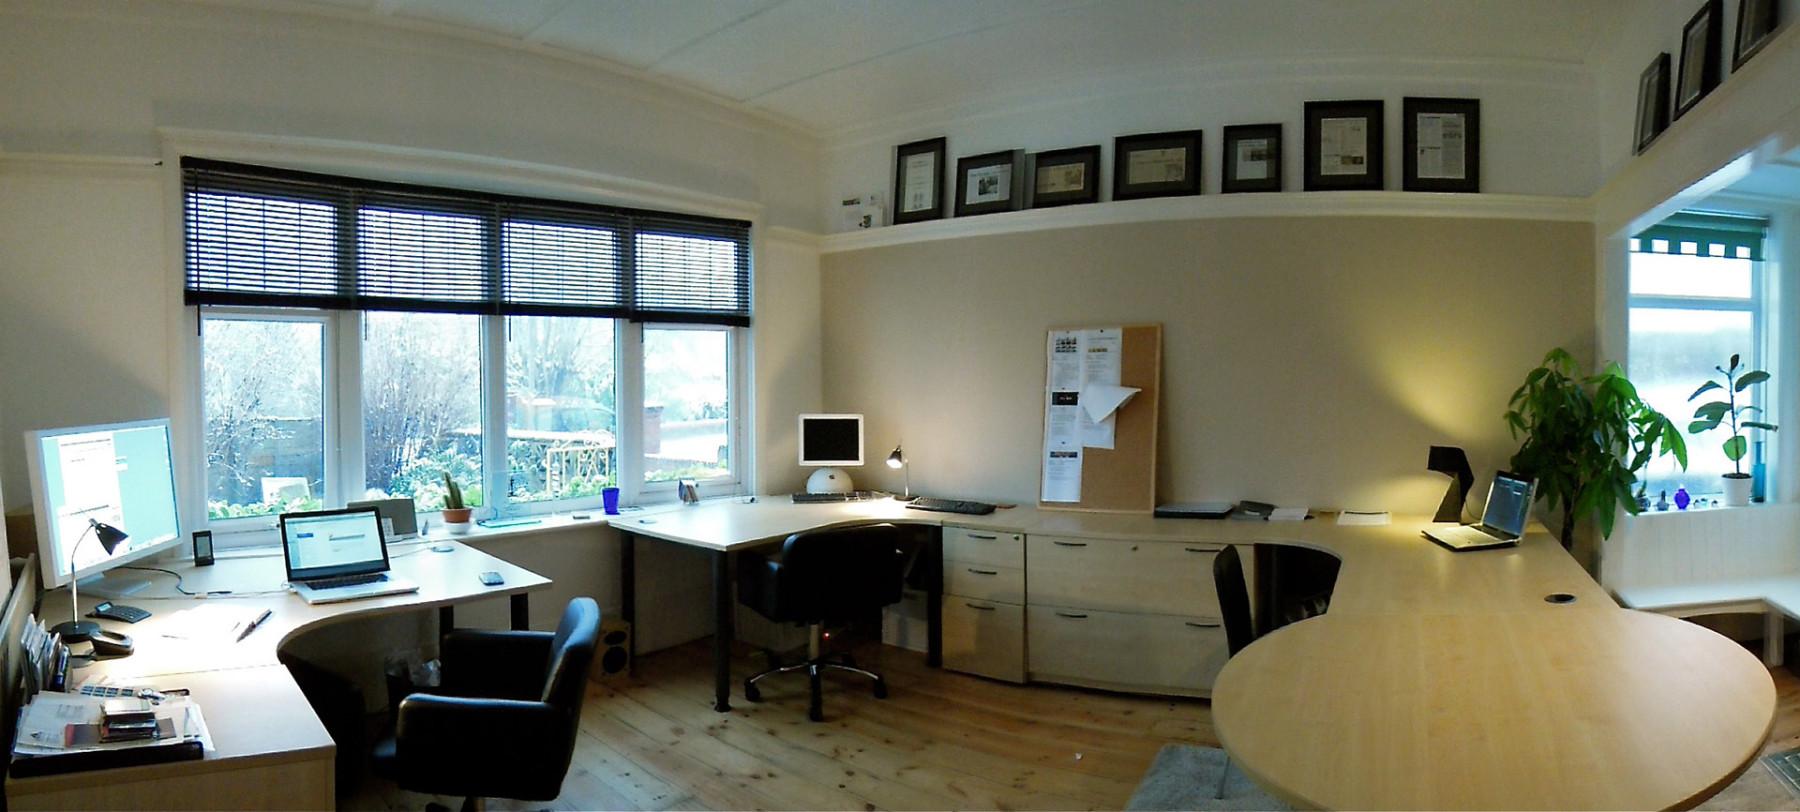 birou echipa